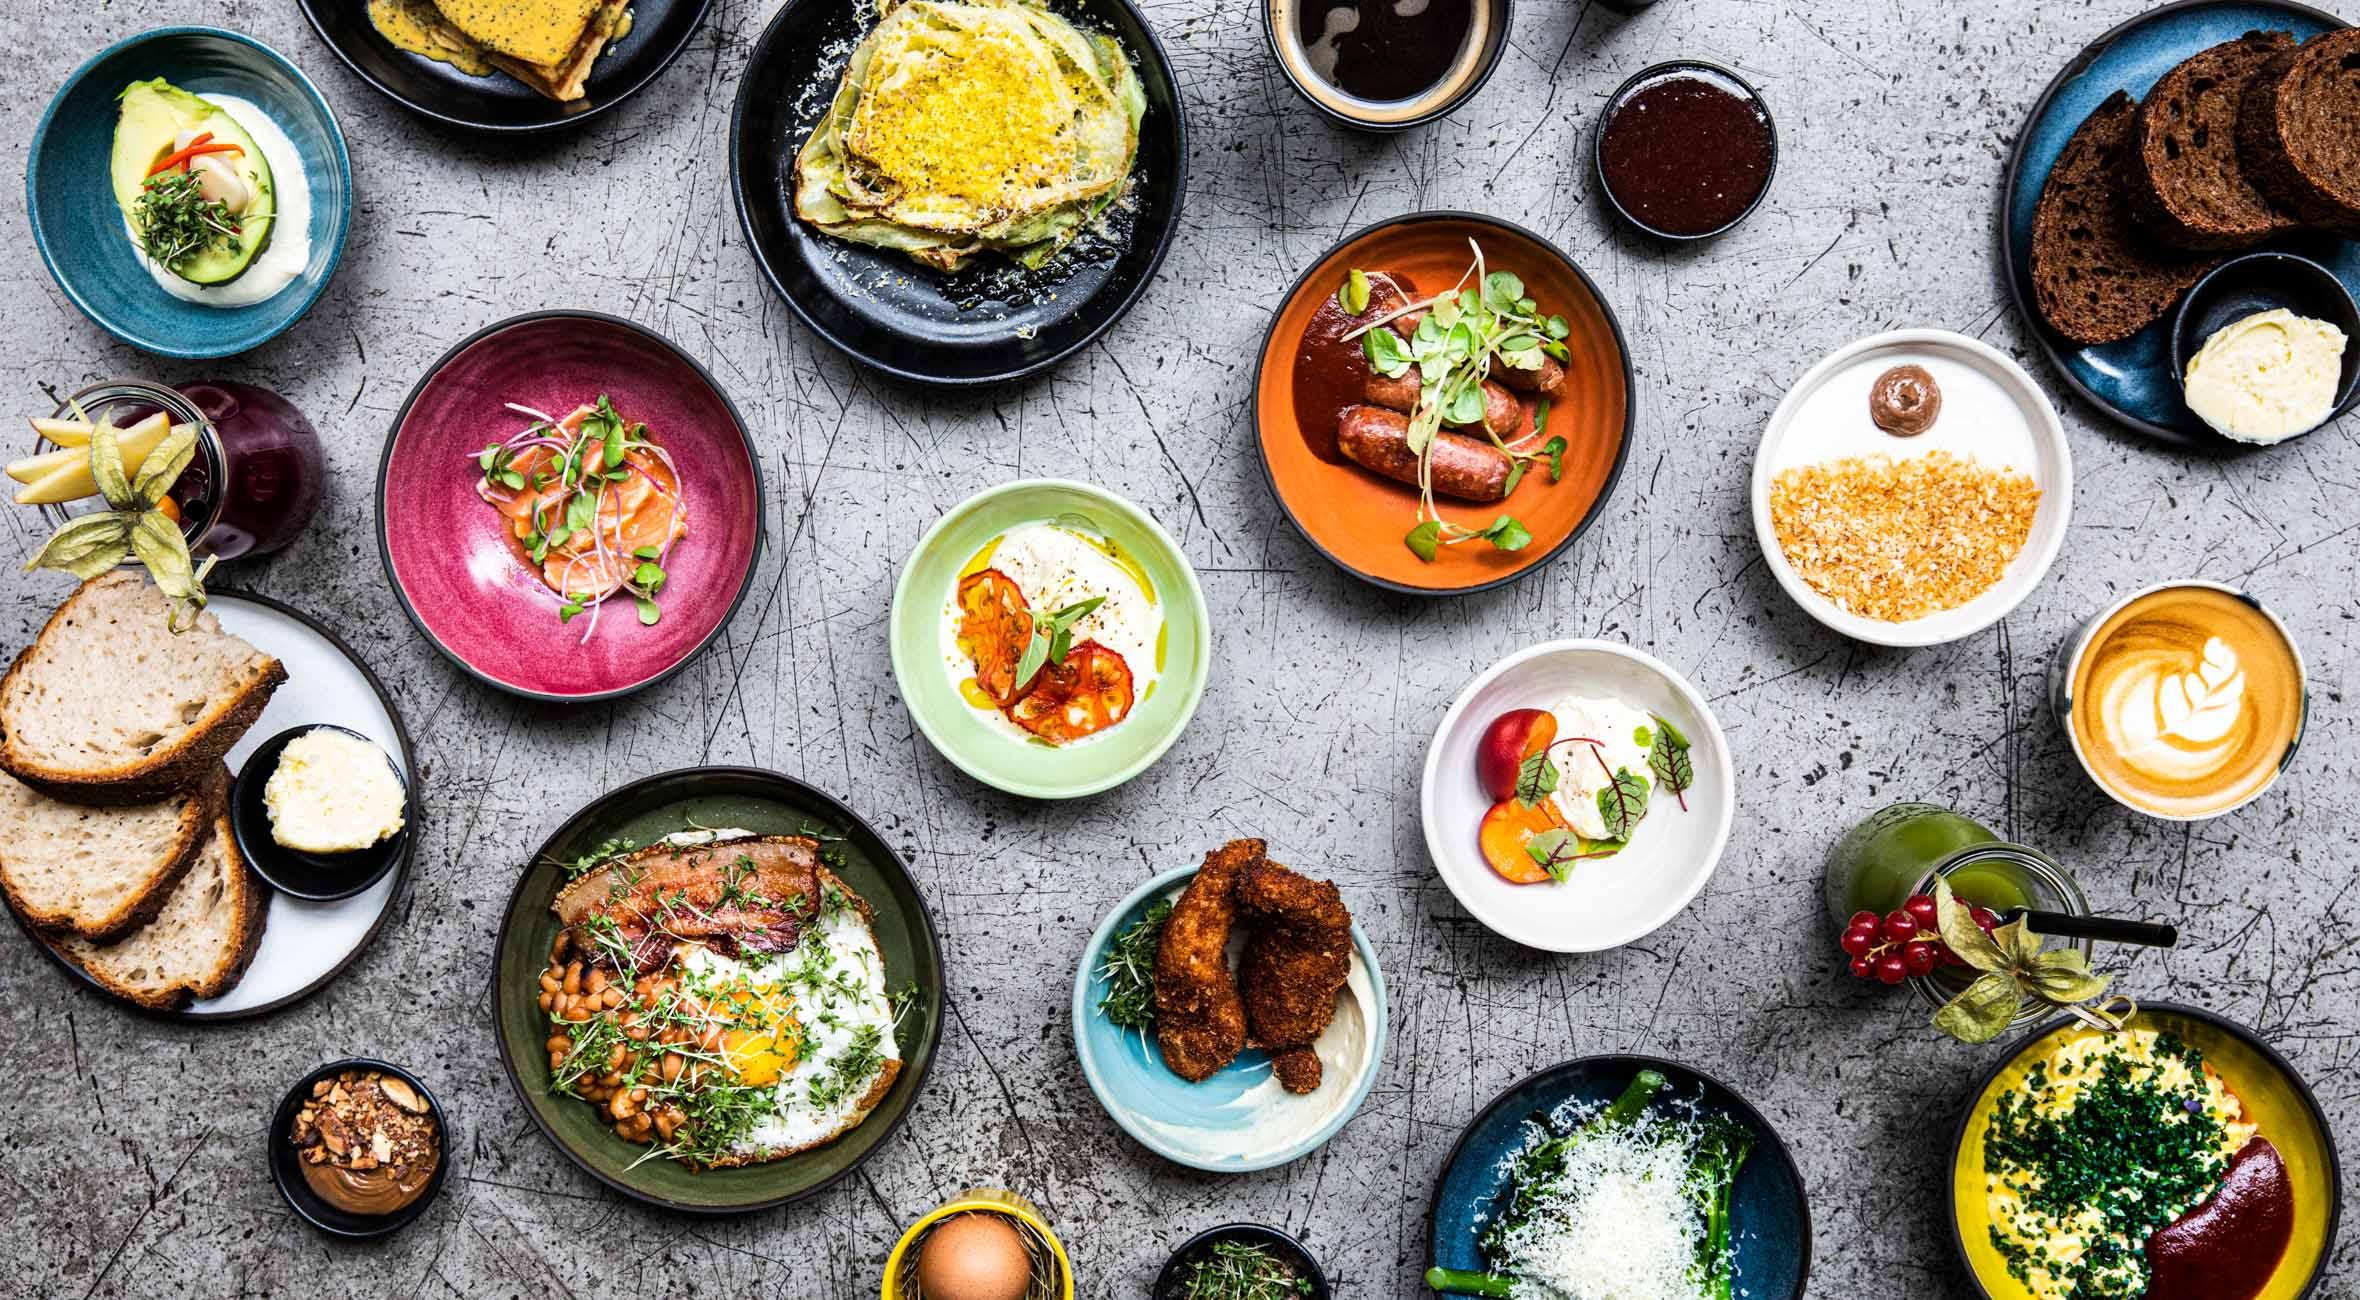 Frit valg til alt hos Møller Kaffe & Køkken – Populær brunch-restaurant på Nørrebro er kåret som 'Byens Bedste'